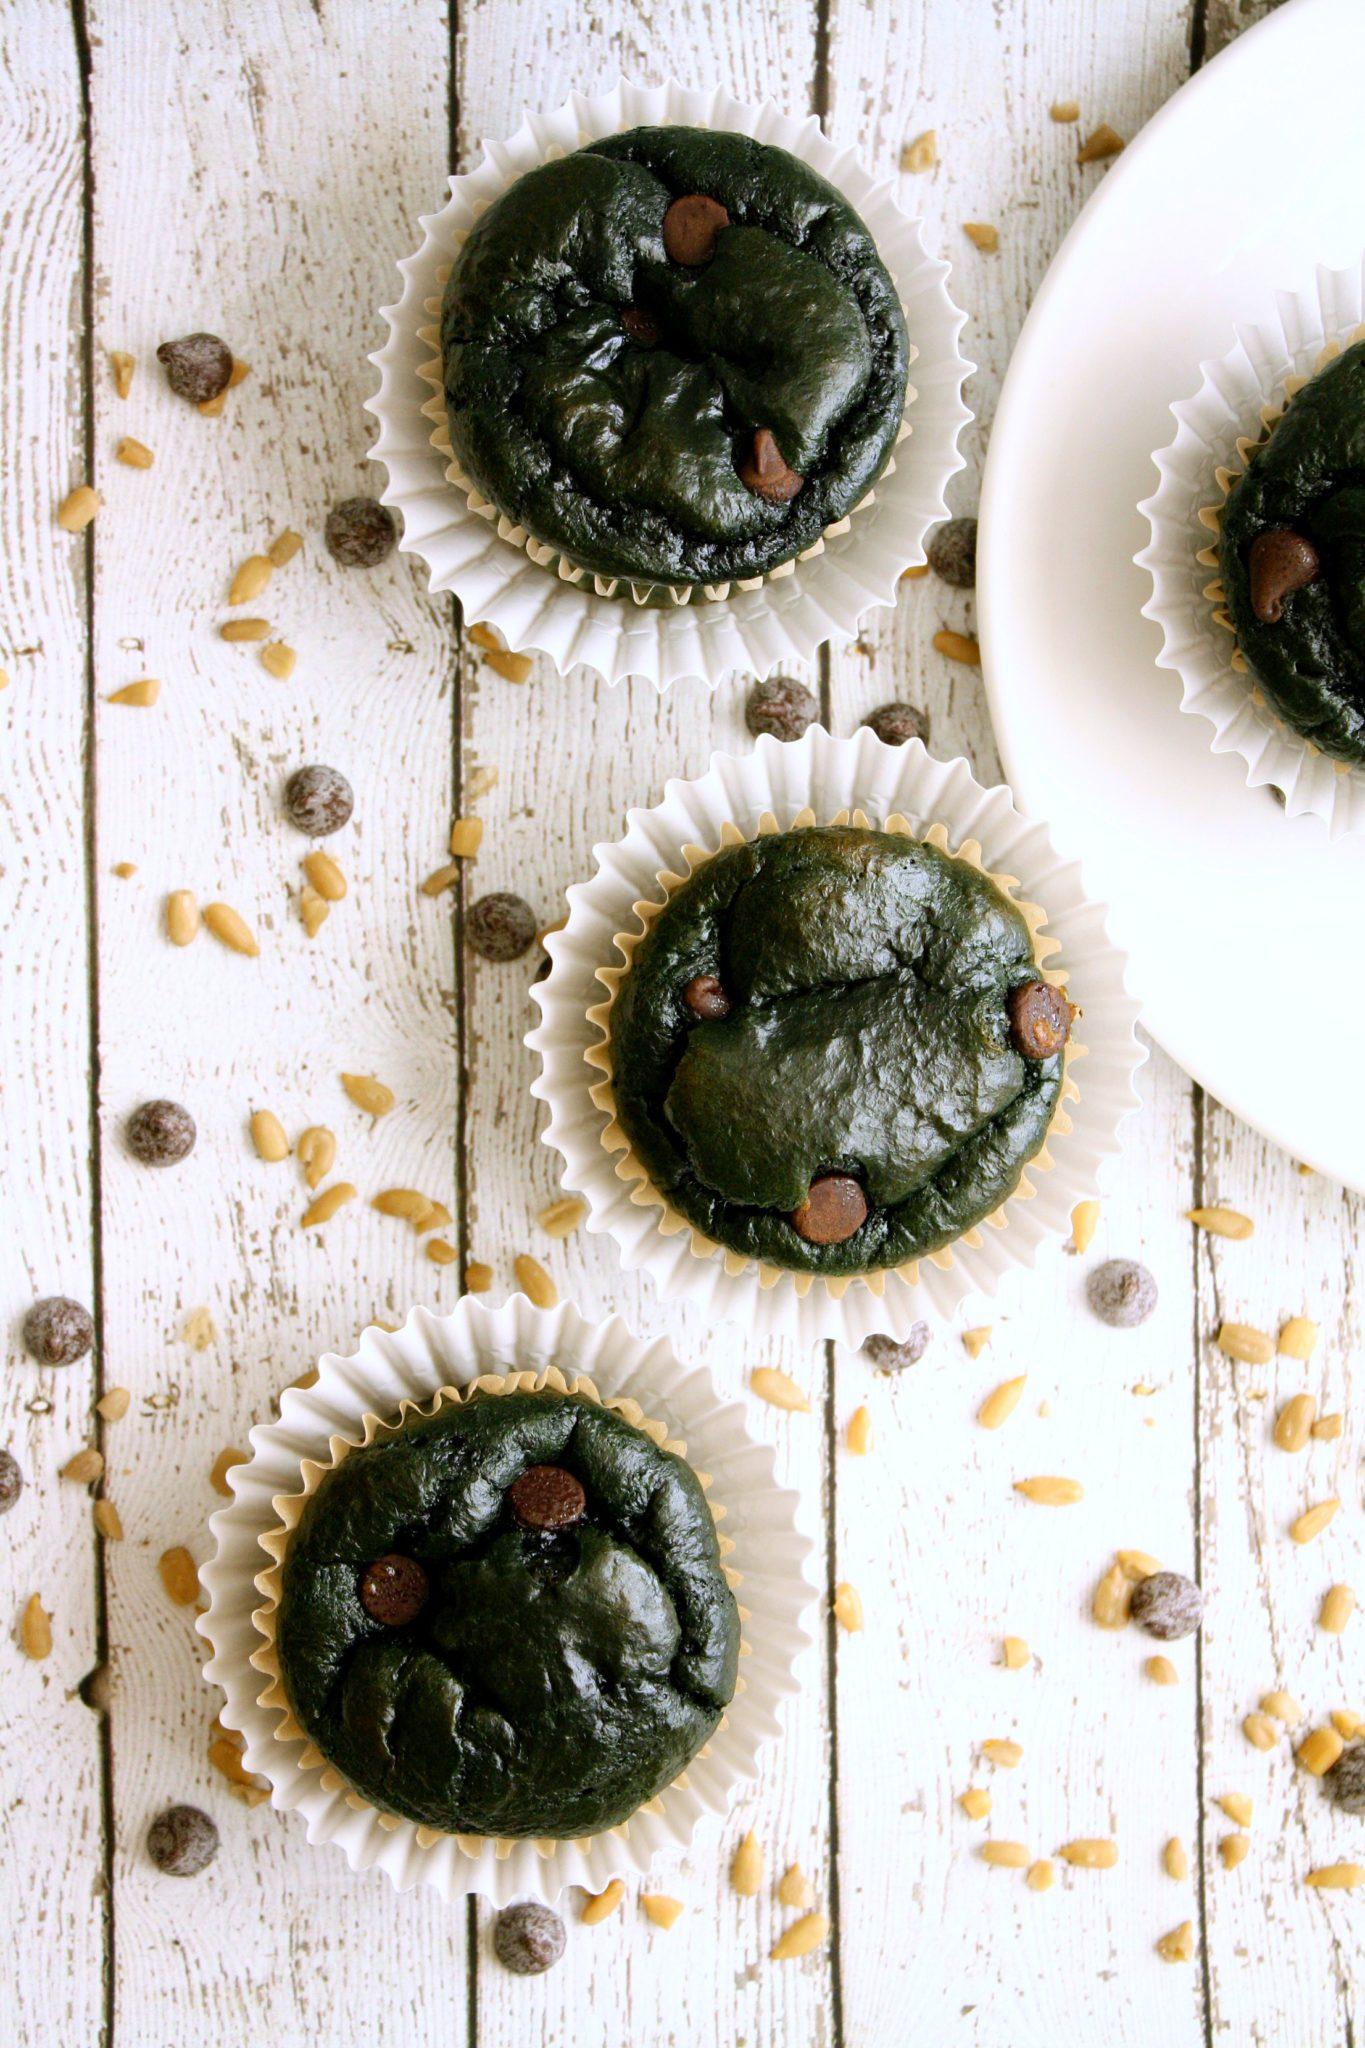 Cupcakes deliciosos, saudáveis e naturalmente verdes. Sem corante, sem espinafre, sem açúcar, sem lactose e sem glúten! Perfeitas para celebrar a Independência do Brasil!